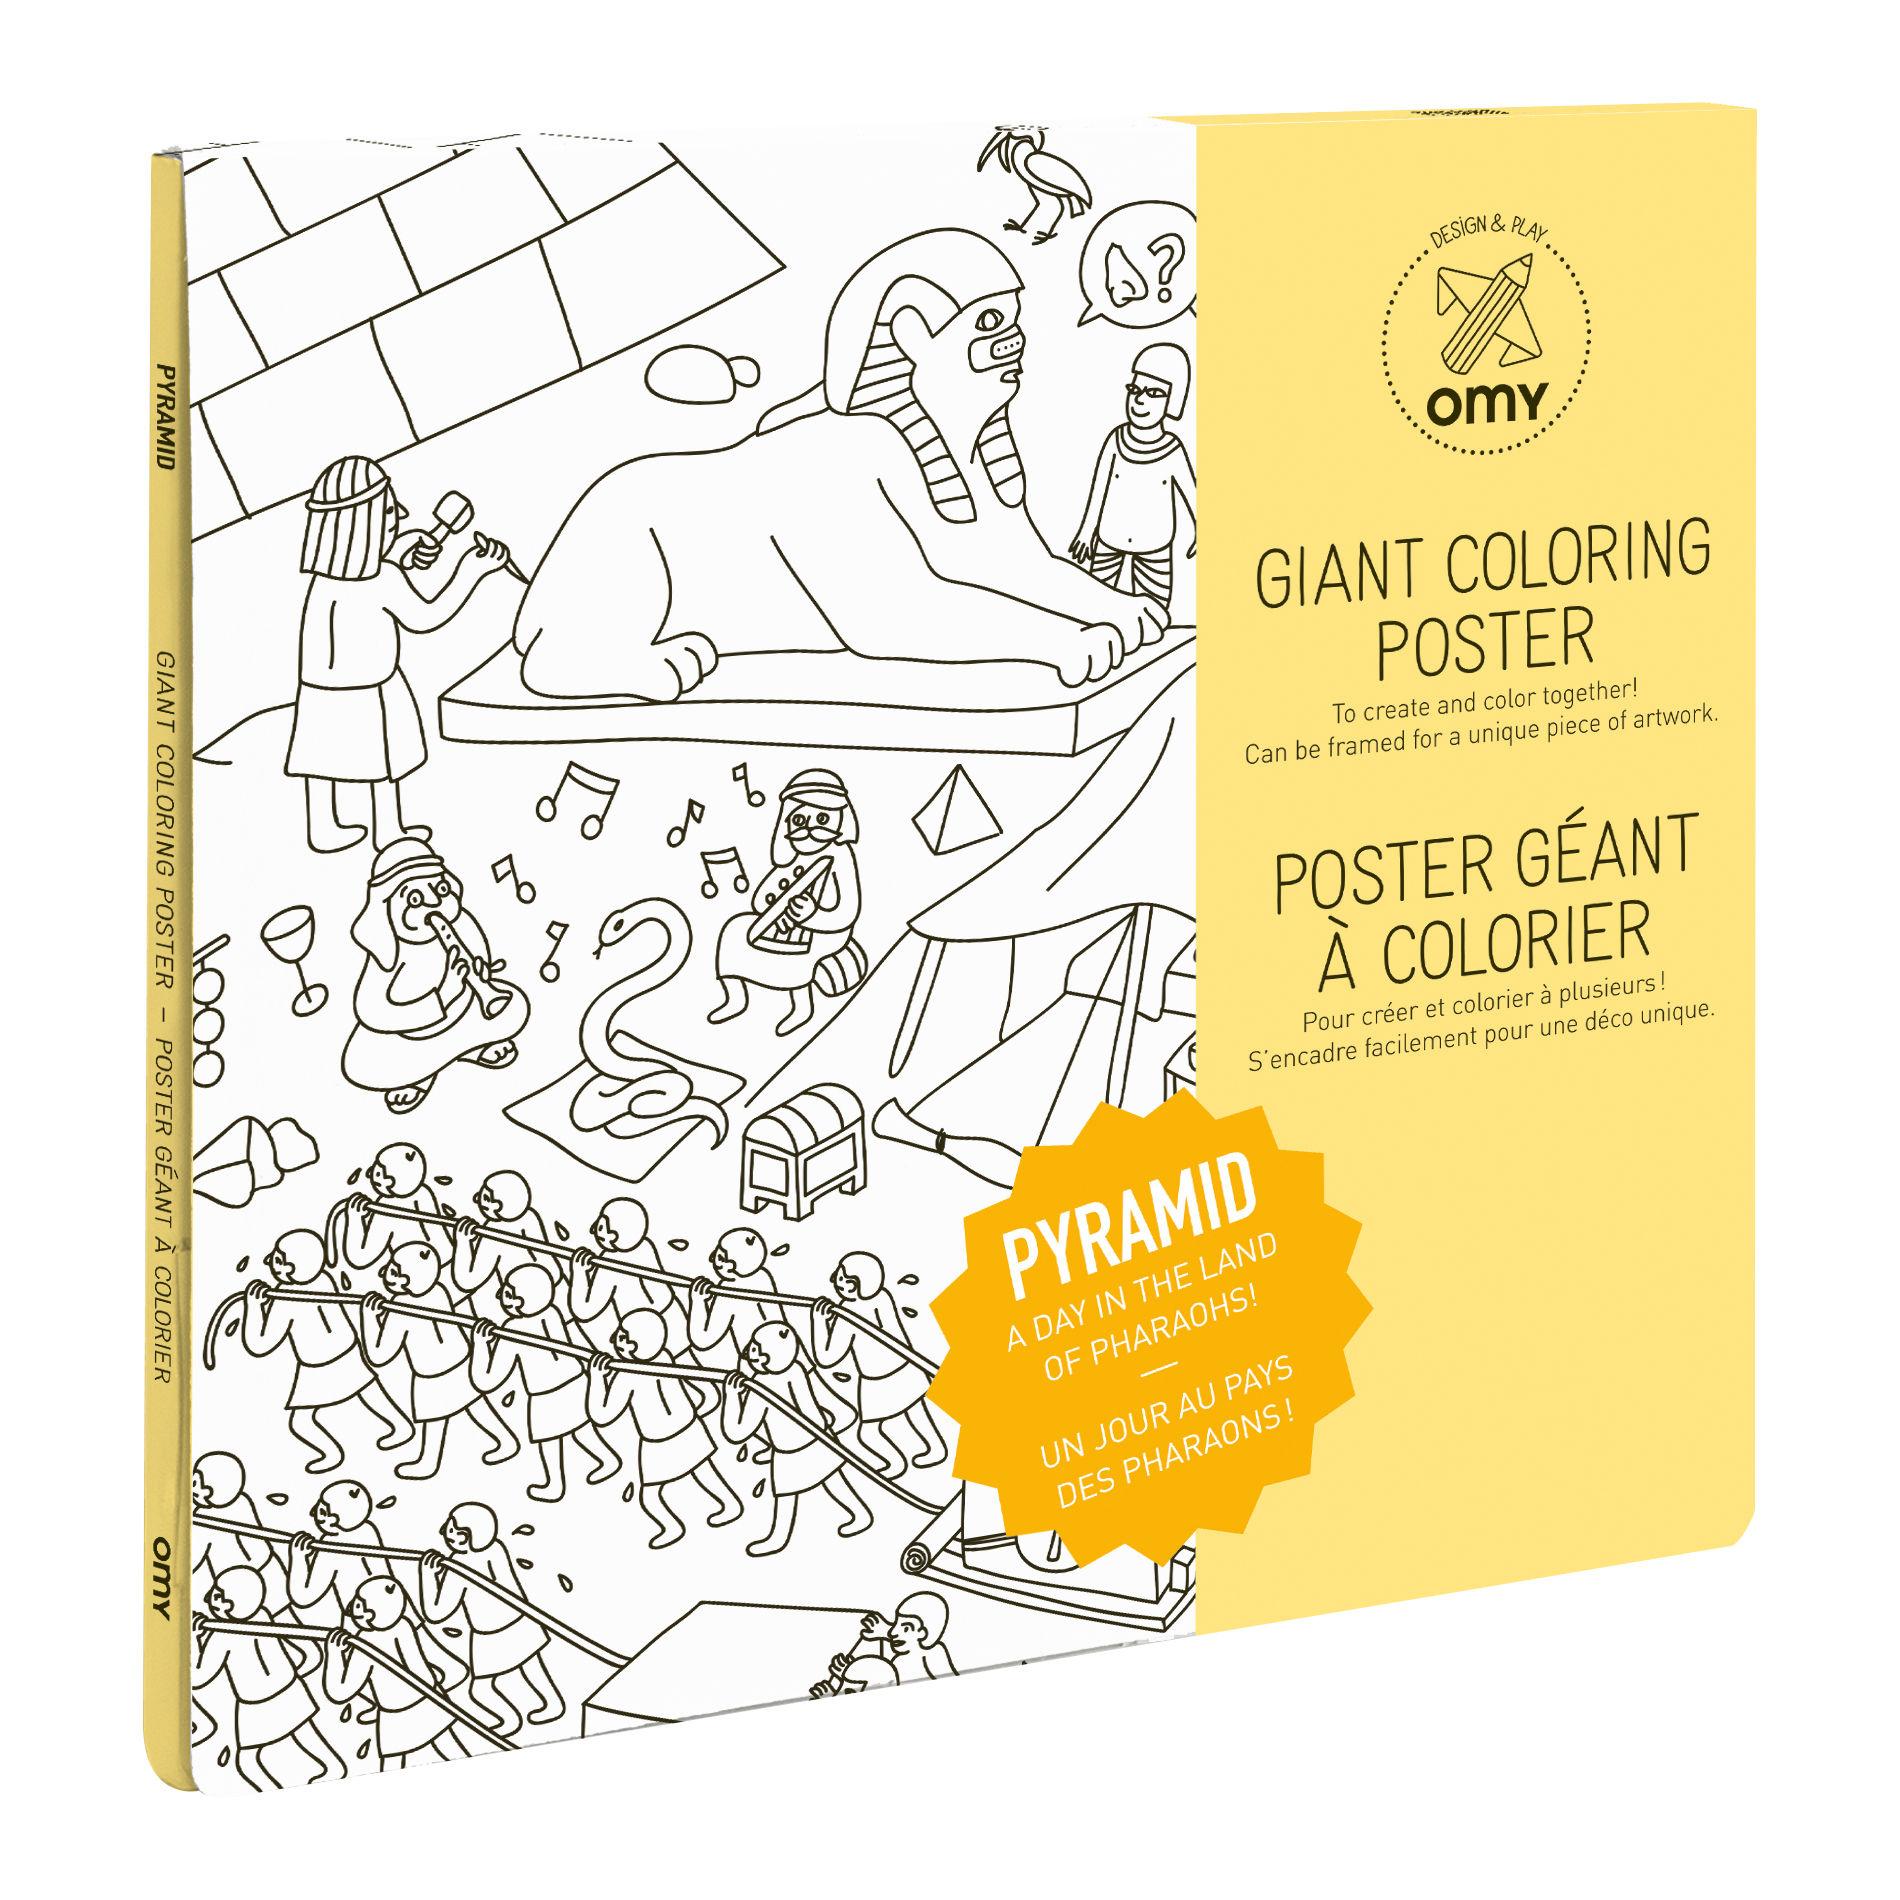 Déco - Pour les enfants - Poster à colorier Pyramides / 100 x 70 cm - OMY Design & Play - Pyramides - Papier recyclé